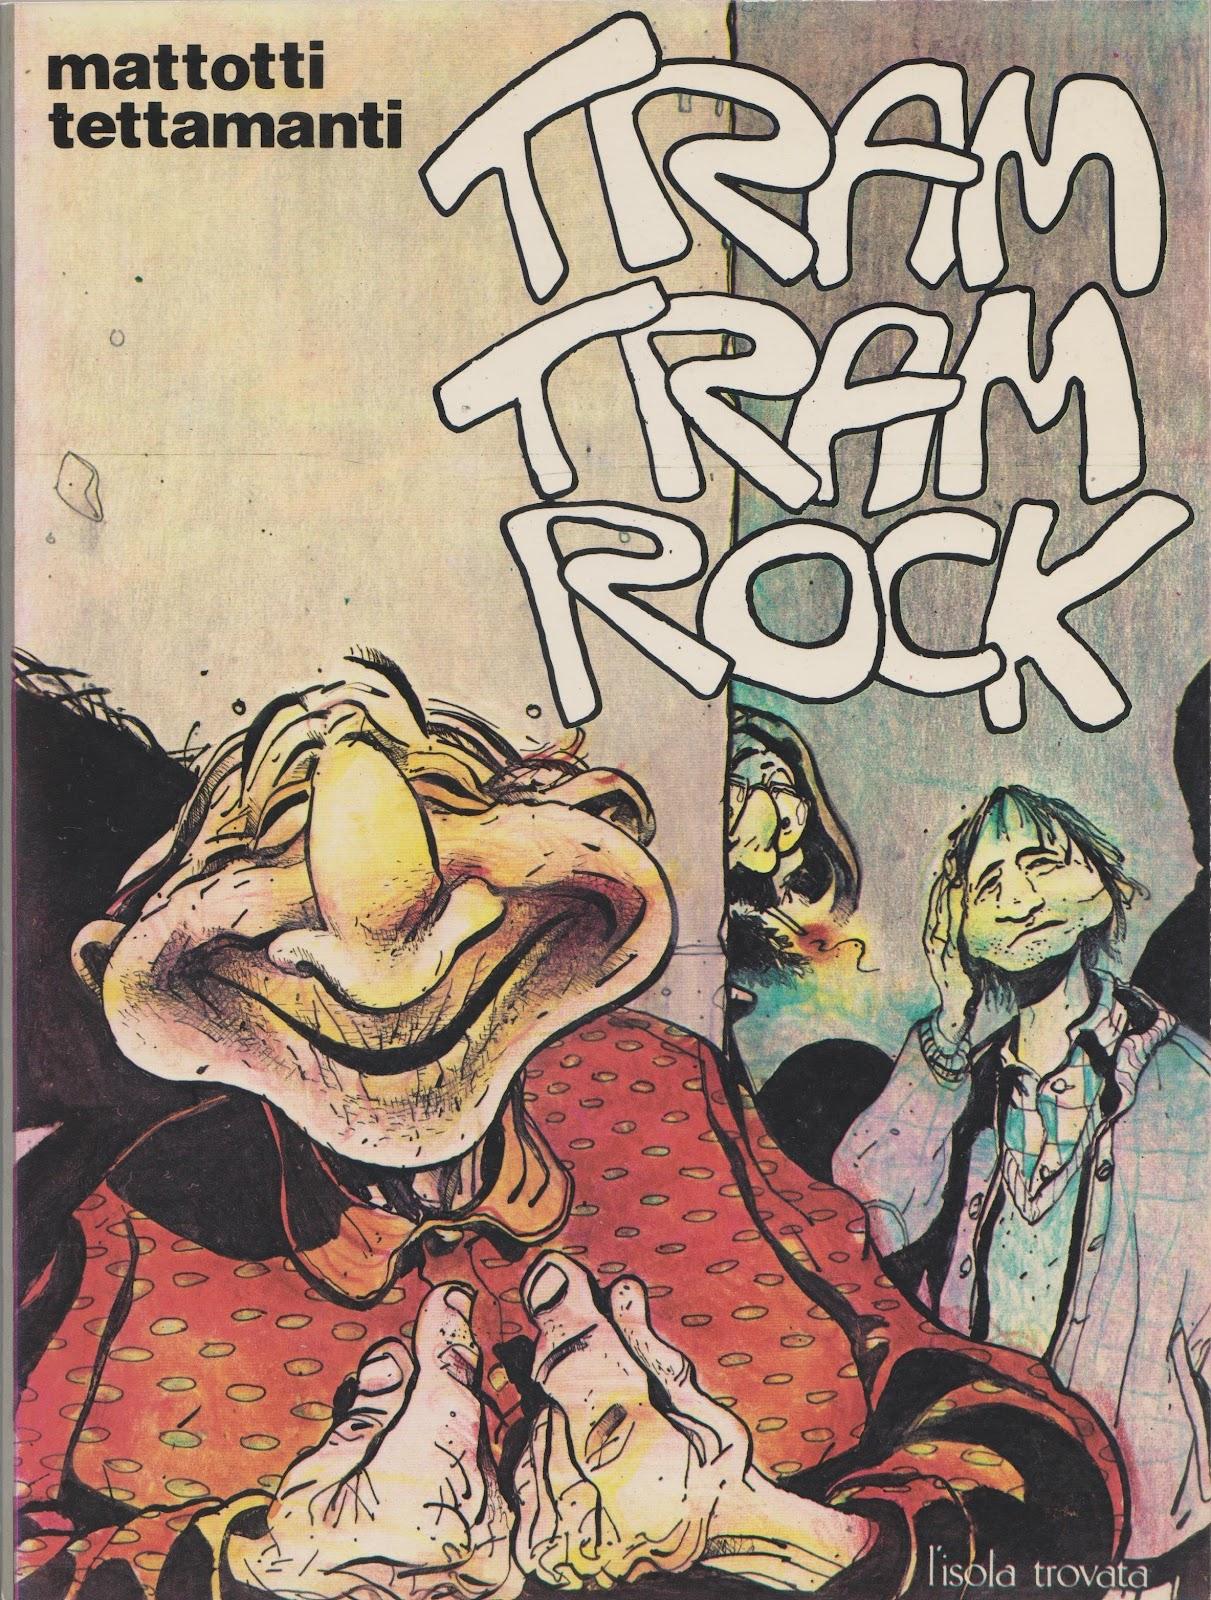 Terza opera di Lorenzo Mattotti Tram Tram Rock venne disegnato nel 1978 contemporaneamente al pi¹ noto Huckleberry Finn Gli episodi scritti assieme ad